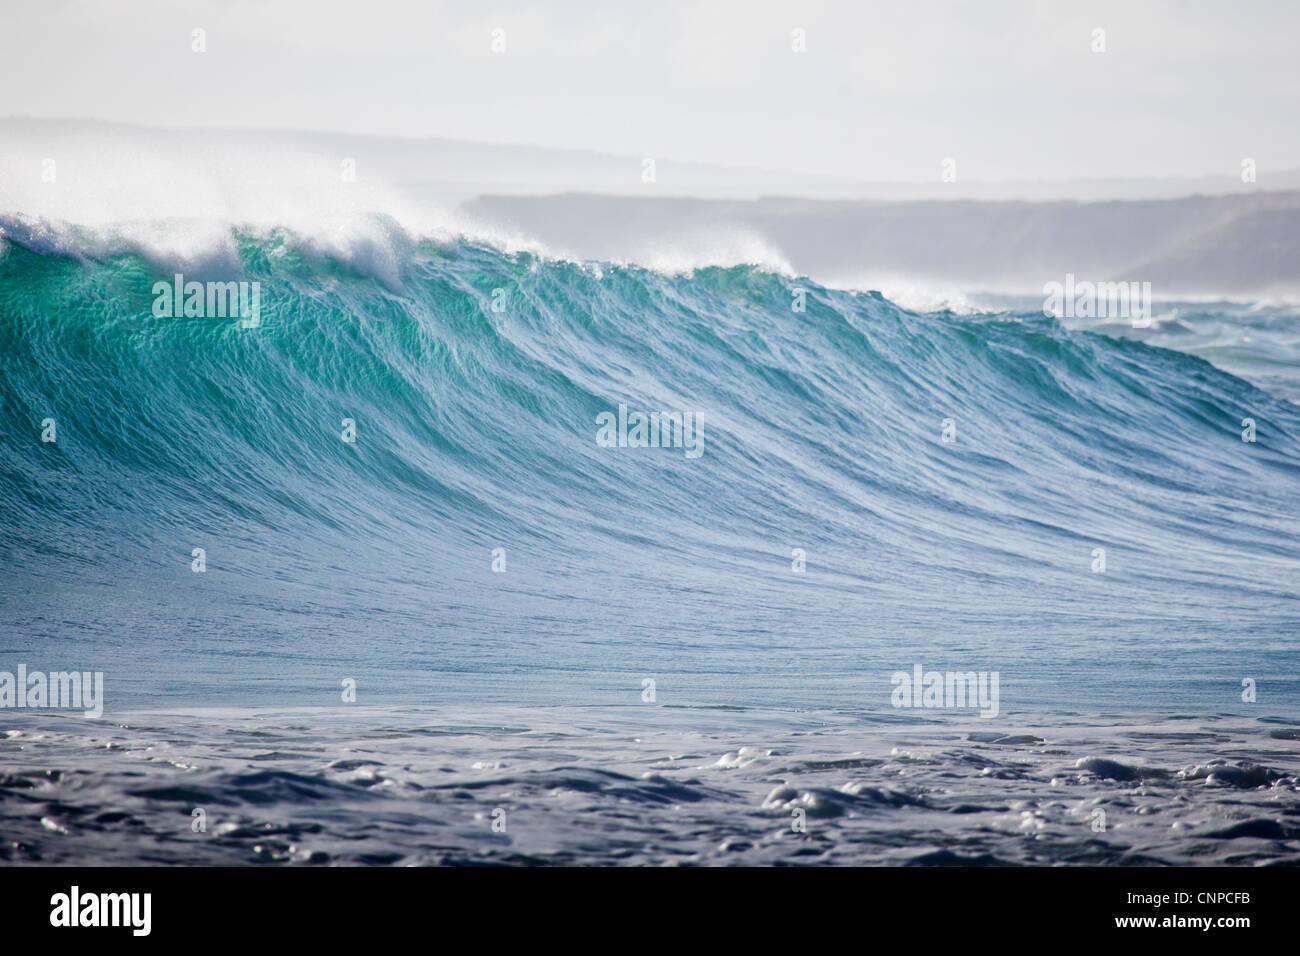 La rupture de l'onde à Greenly Beach Australie du Sud Photo Stock